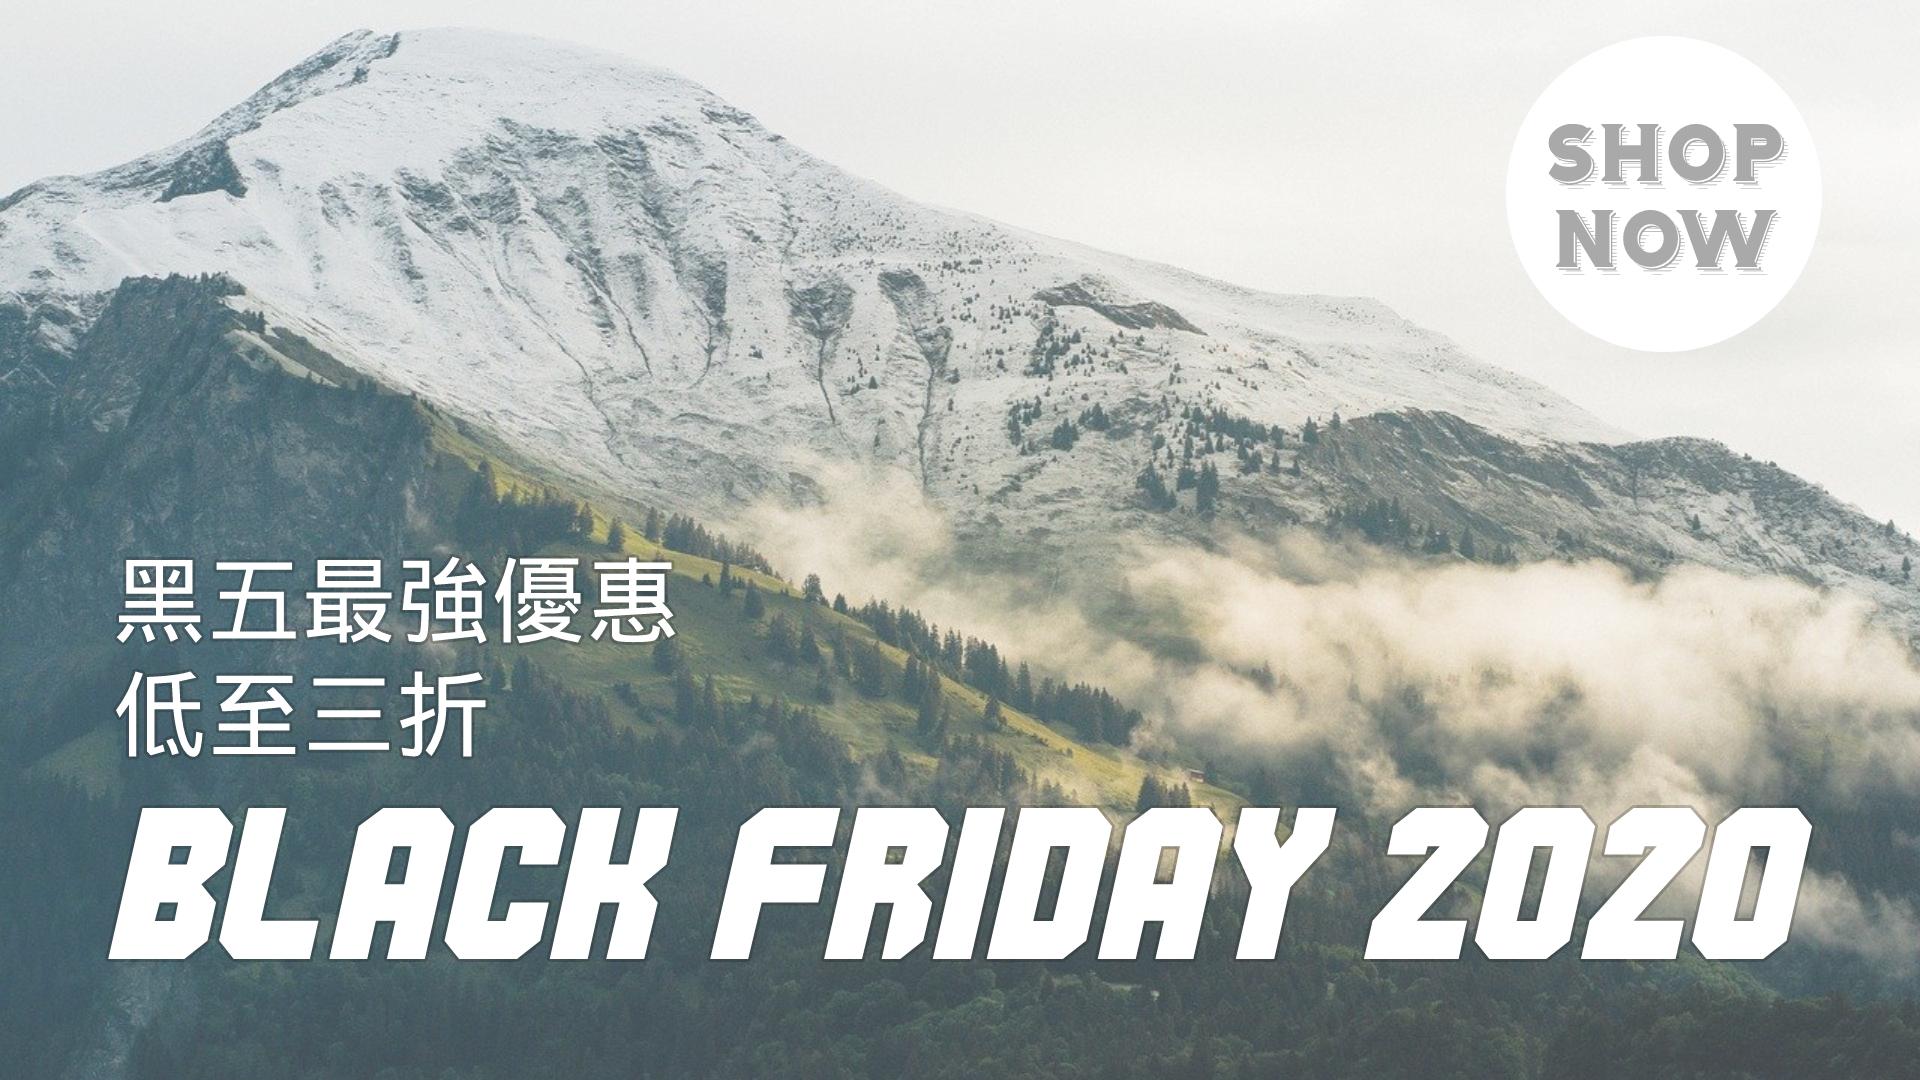 blackfriday,blackfriday2020,blackfriday優惠,blackfriday香港,黑色星期五,黑五優惠